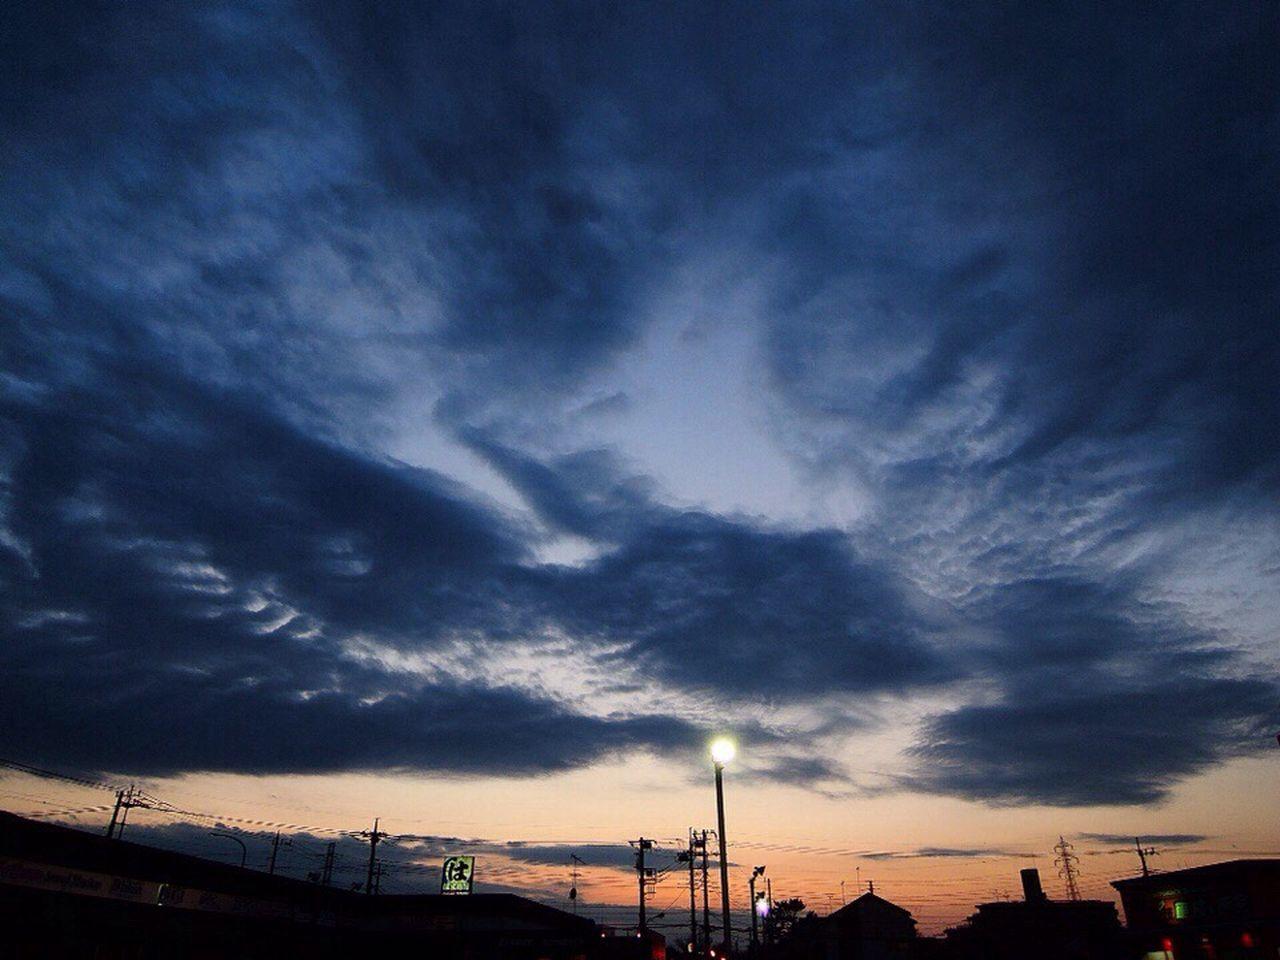 おつかれさま。 夕暮れ時 Twilight NikonP330 おつかれさま